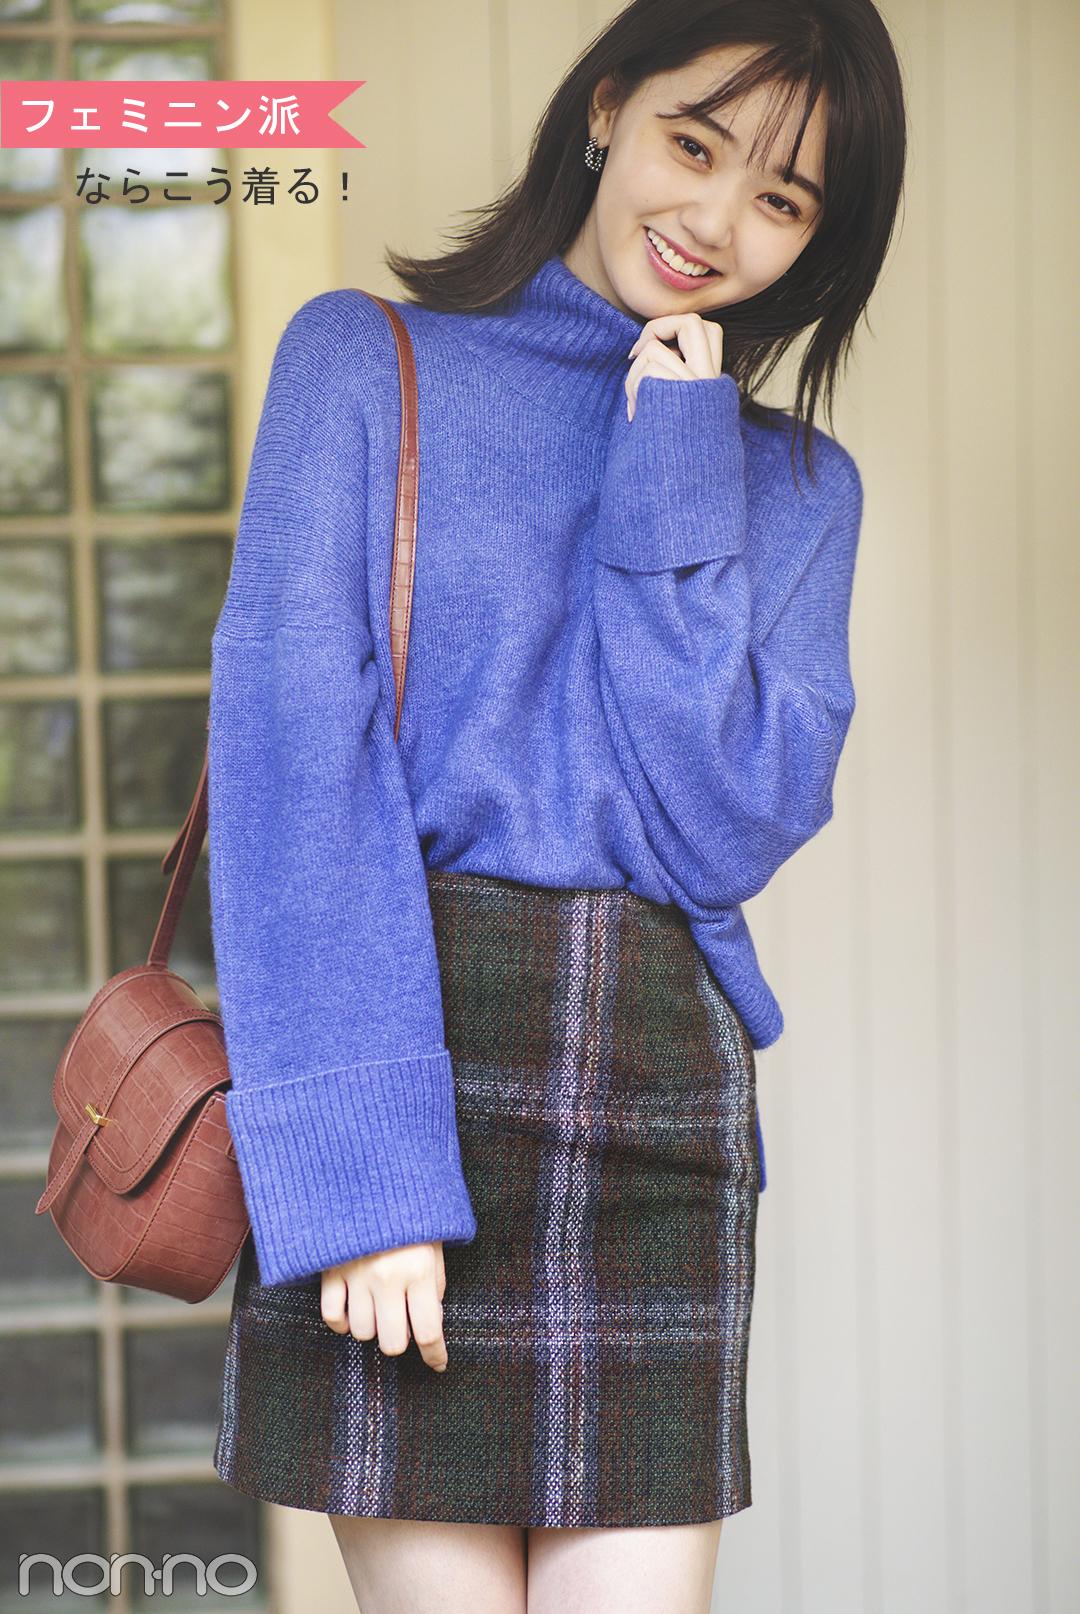 清潔感たっぷりで爽やか!萌え袖になれる爽やかブルー  フェミニン派ならこう着る!